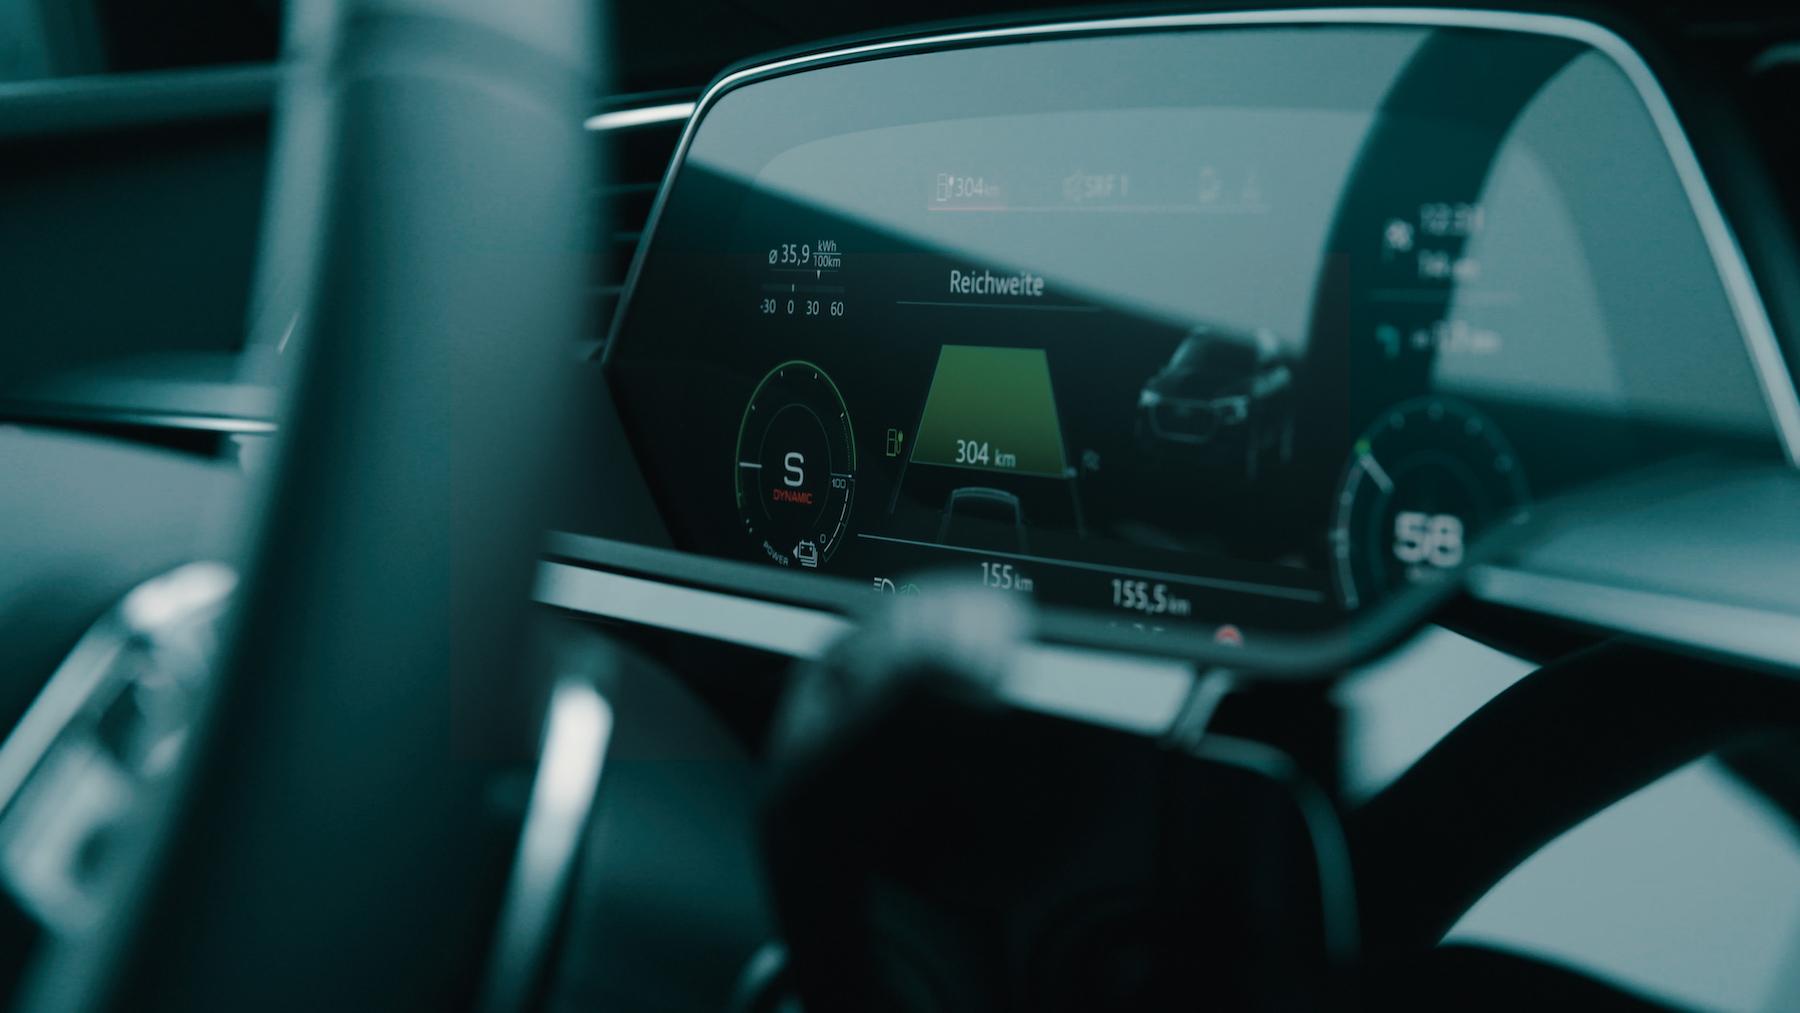 Chi guida bene, aumenta l'autonomia dell'Audi e-tron durante la marcia.